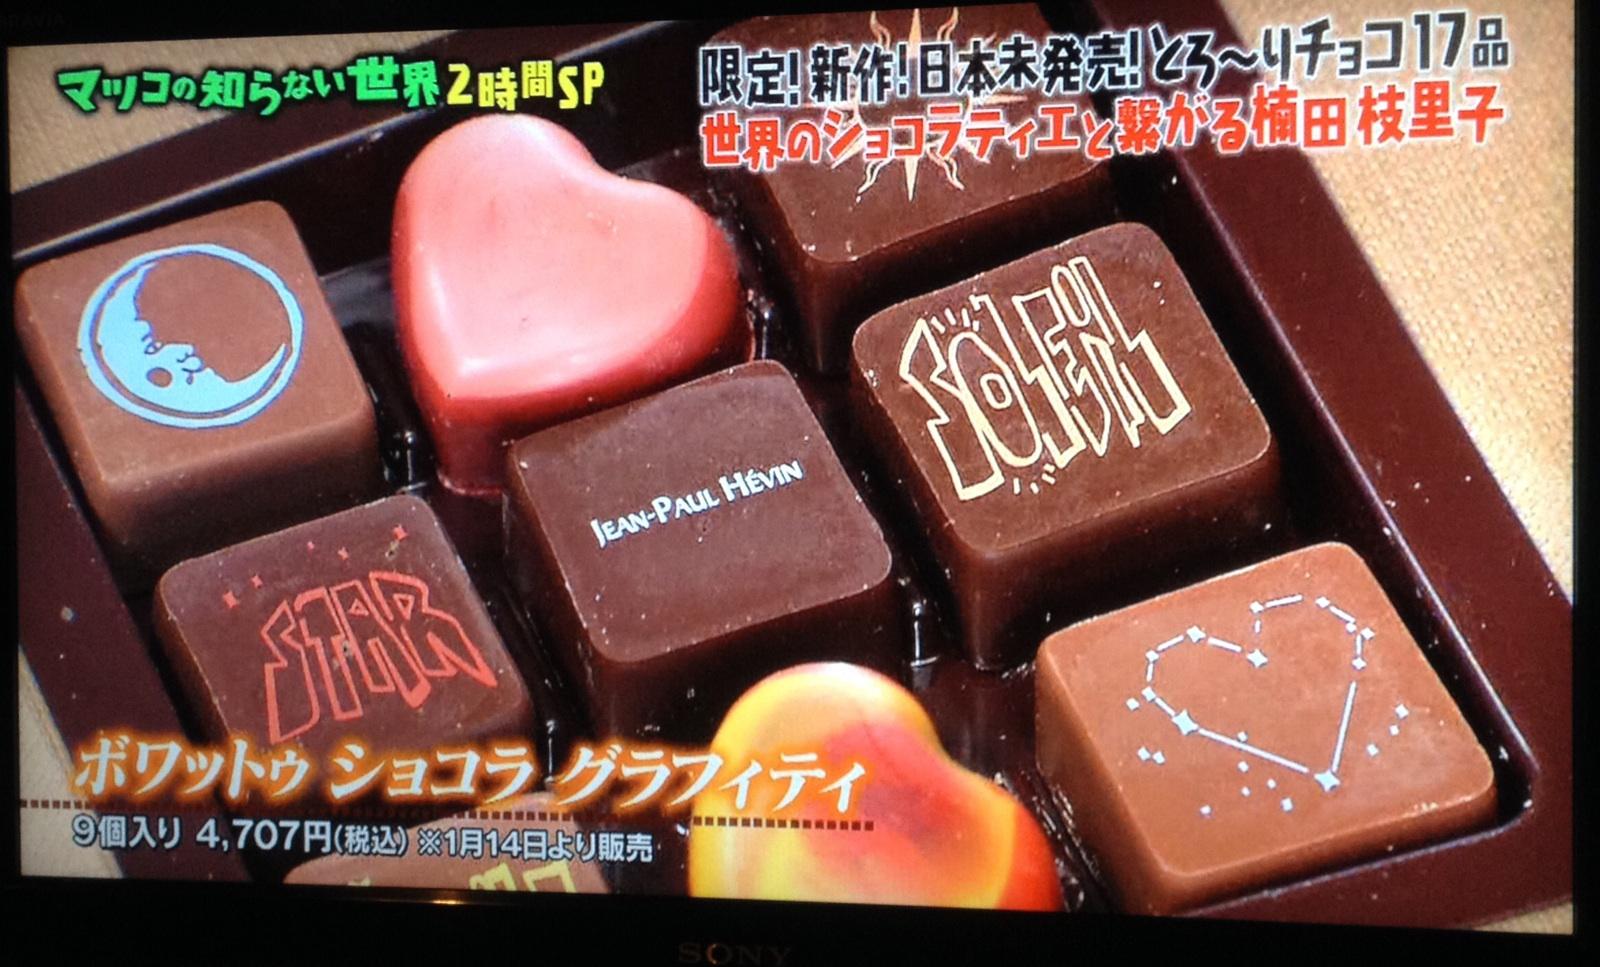 の ない マツコ 世界 チョコレート 知ら